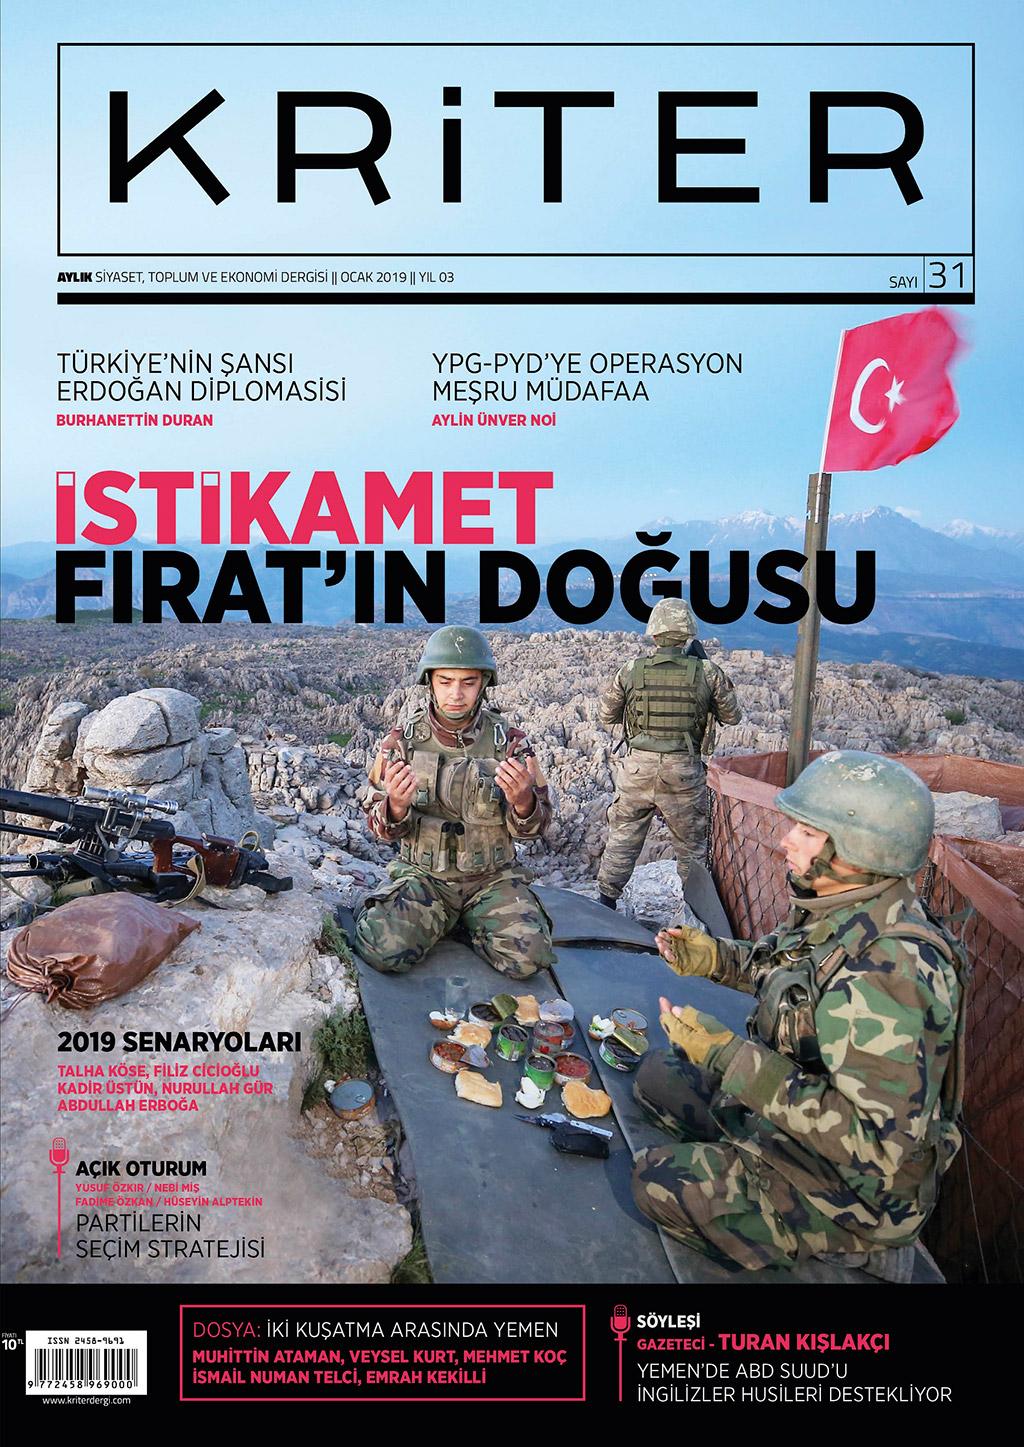 Kriter'in Ocak Sayısı Çıktı: İstikamet Fırat'ın Doğusu